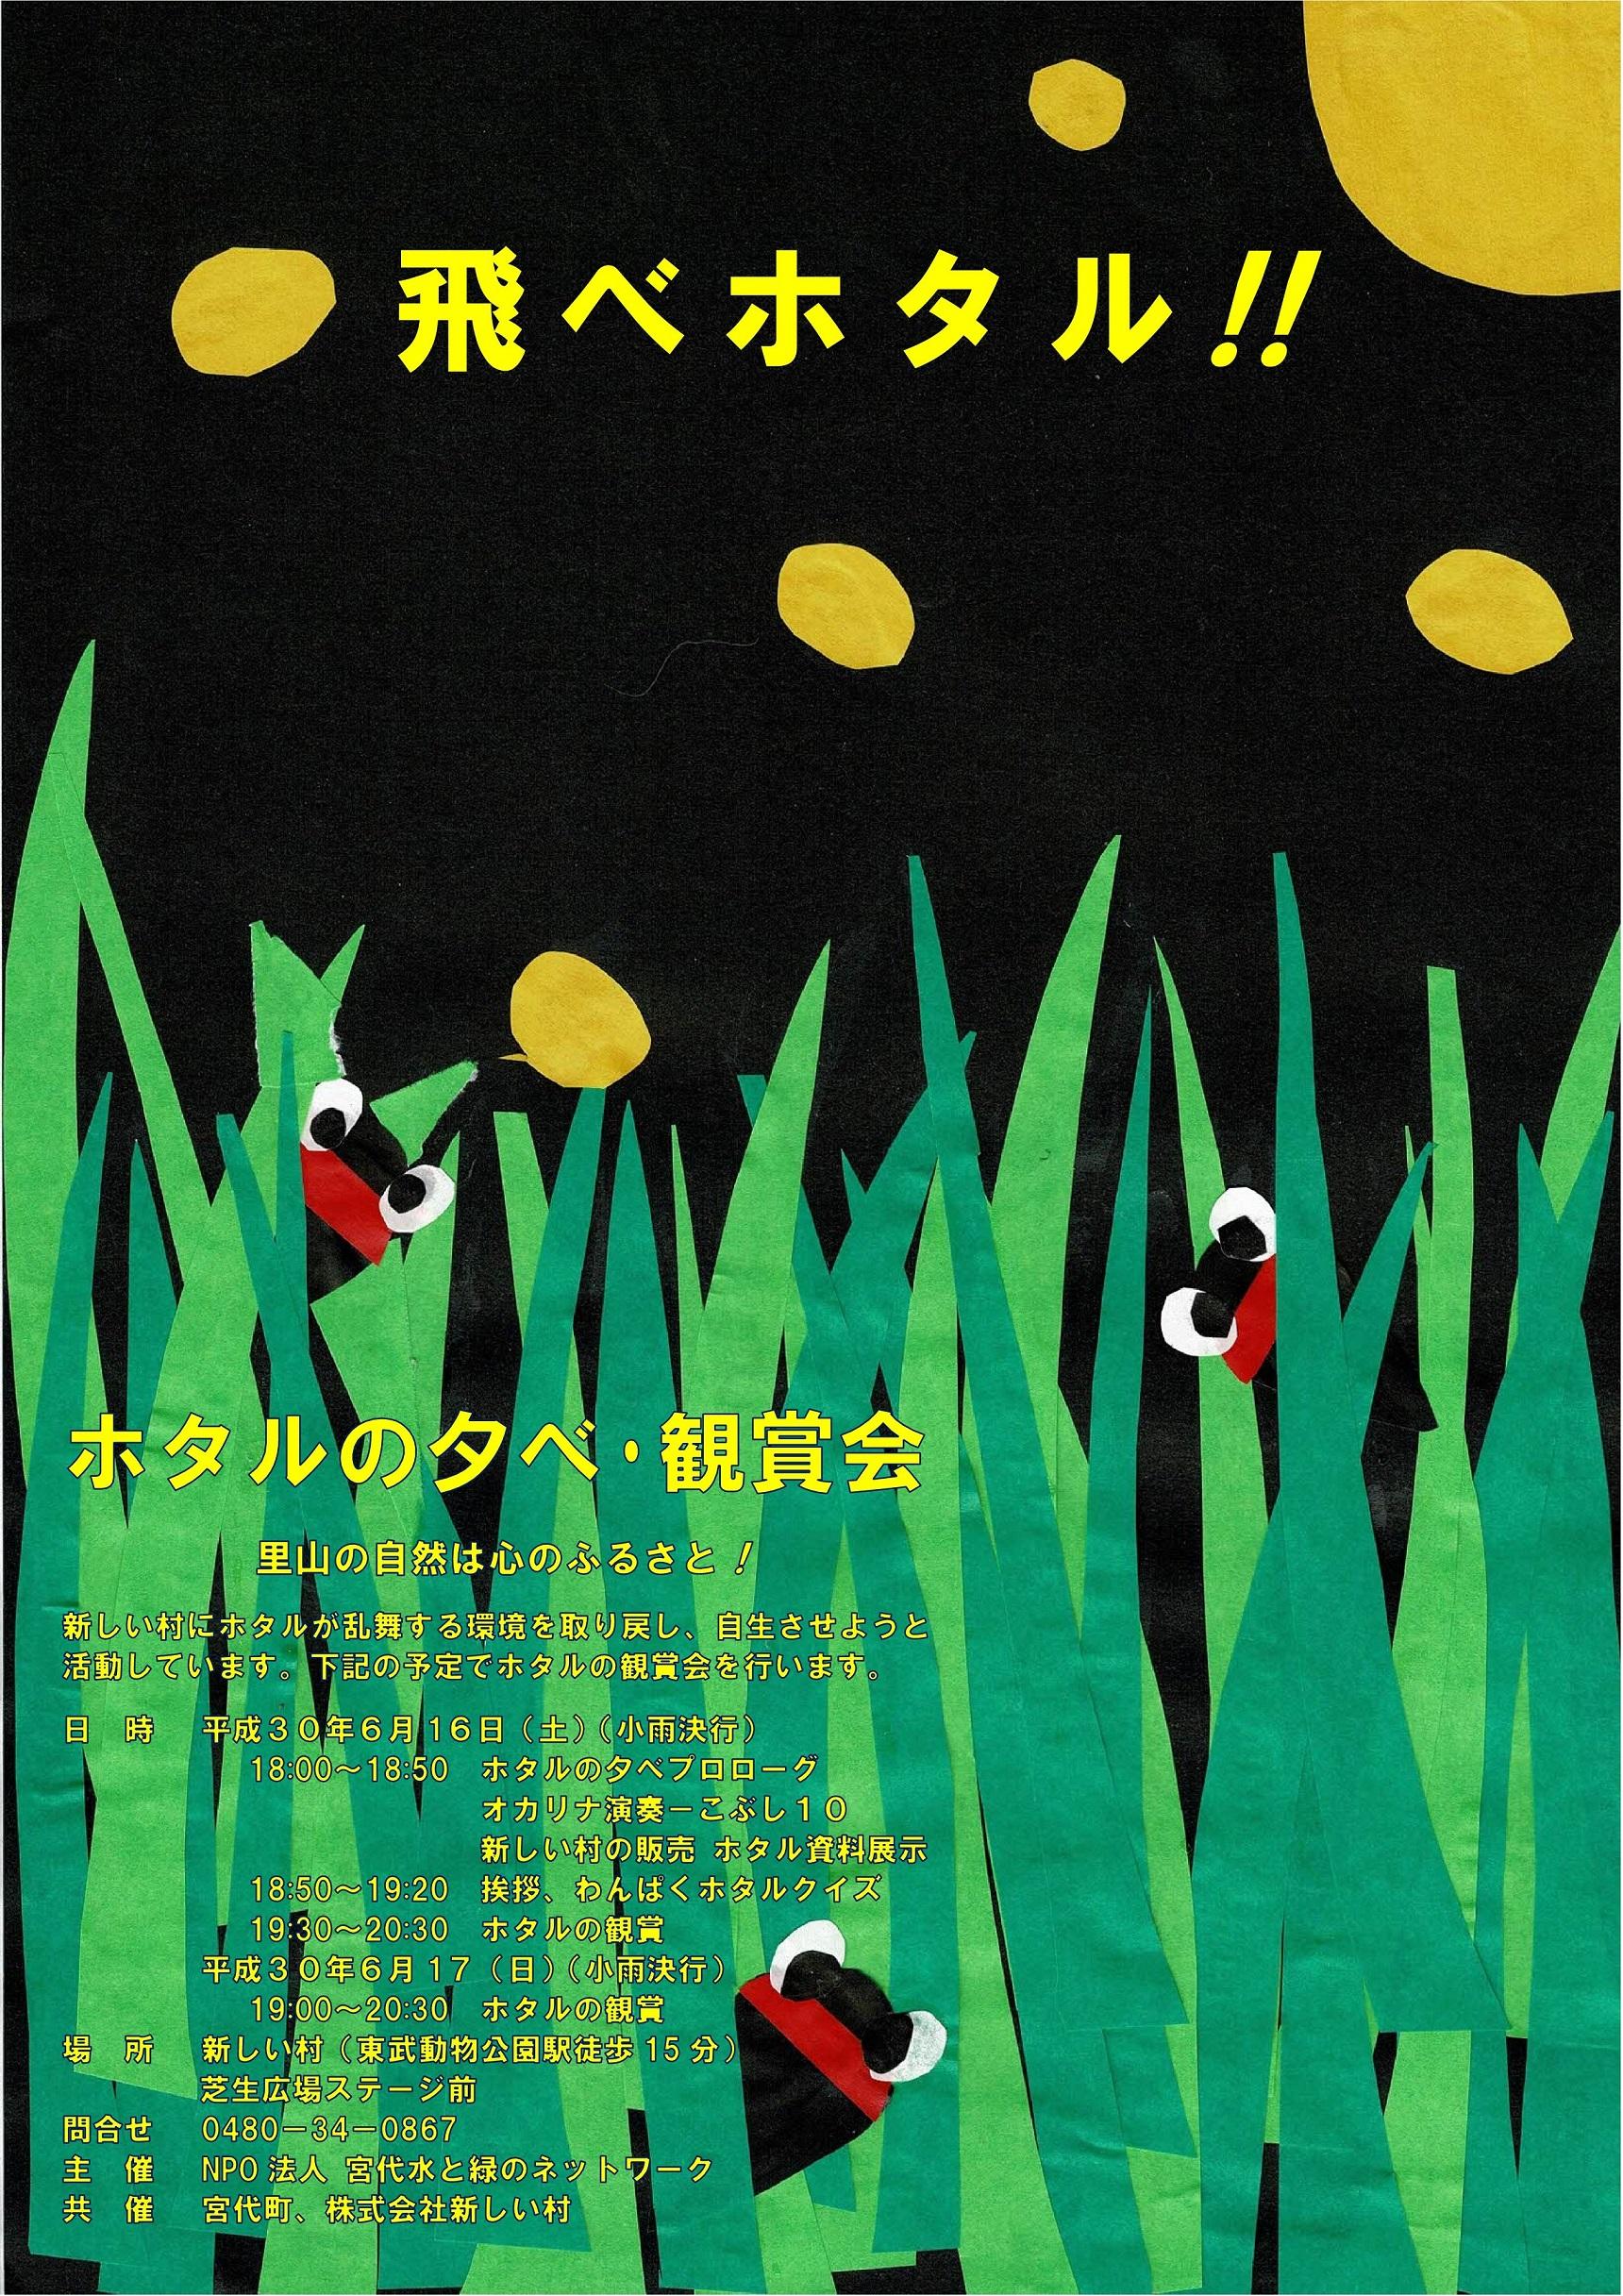 18ホタル観賞会ポスター